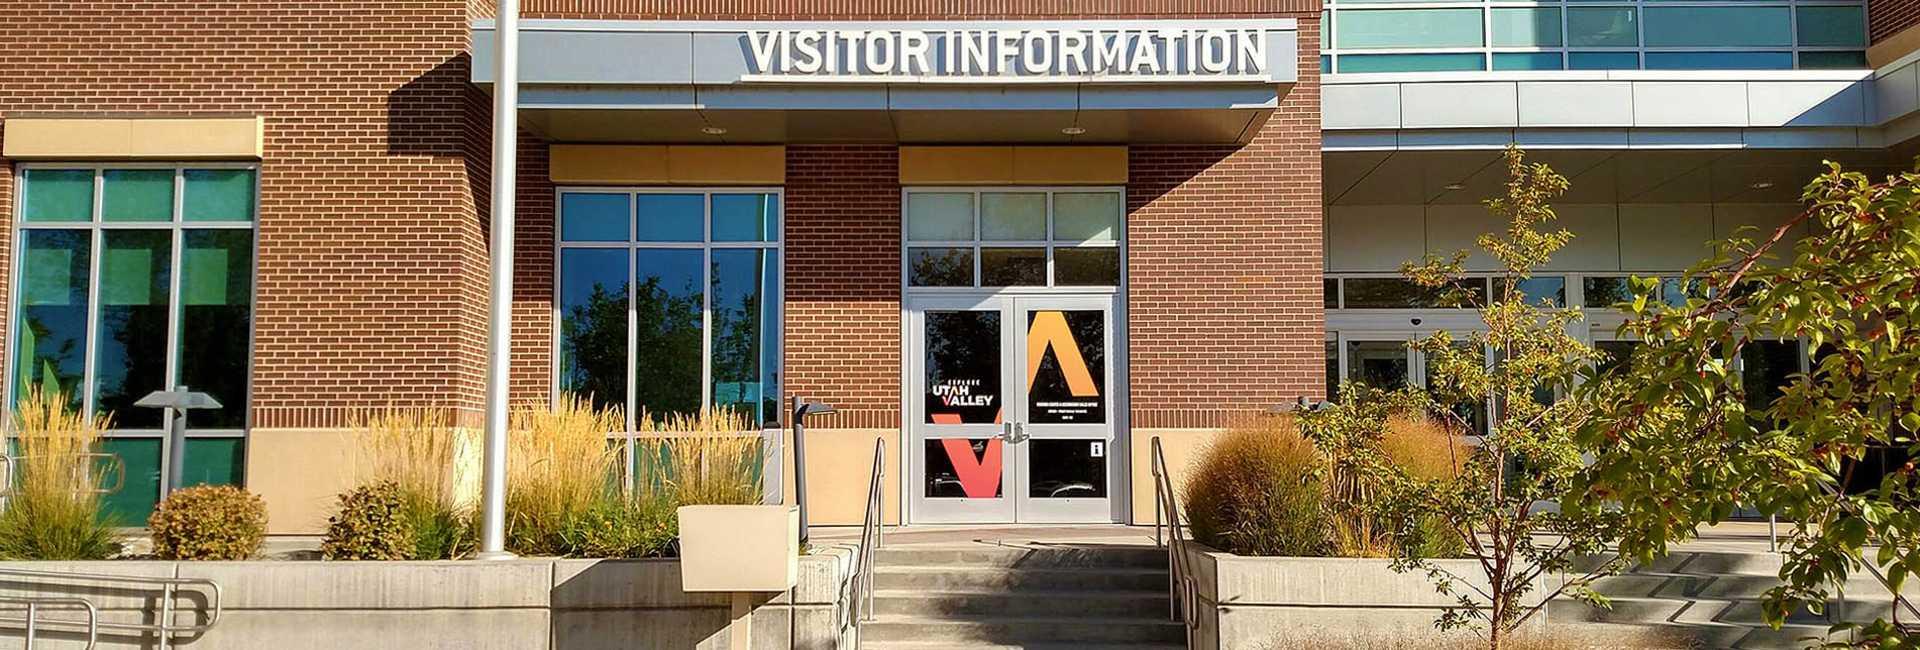 Explore Utah Valley visitor center